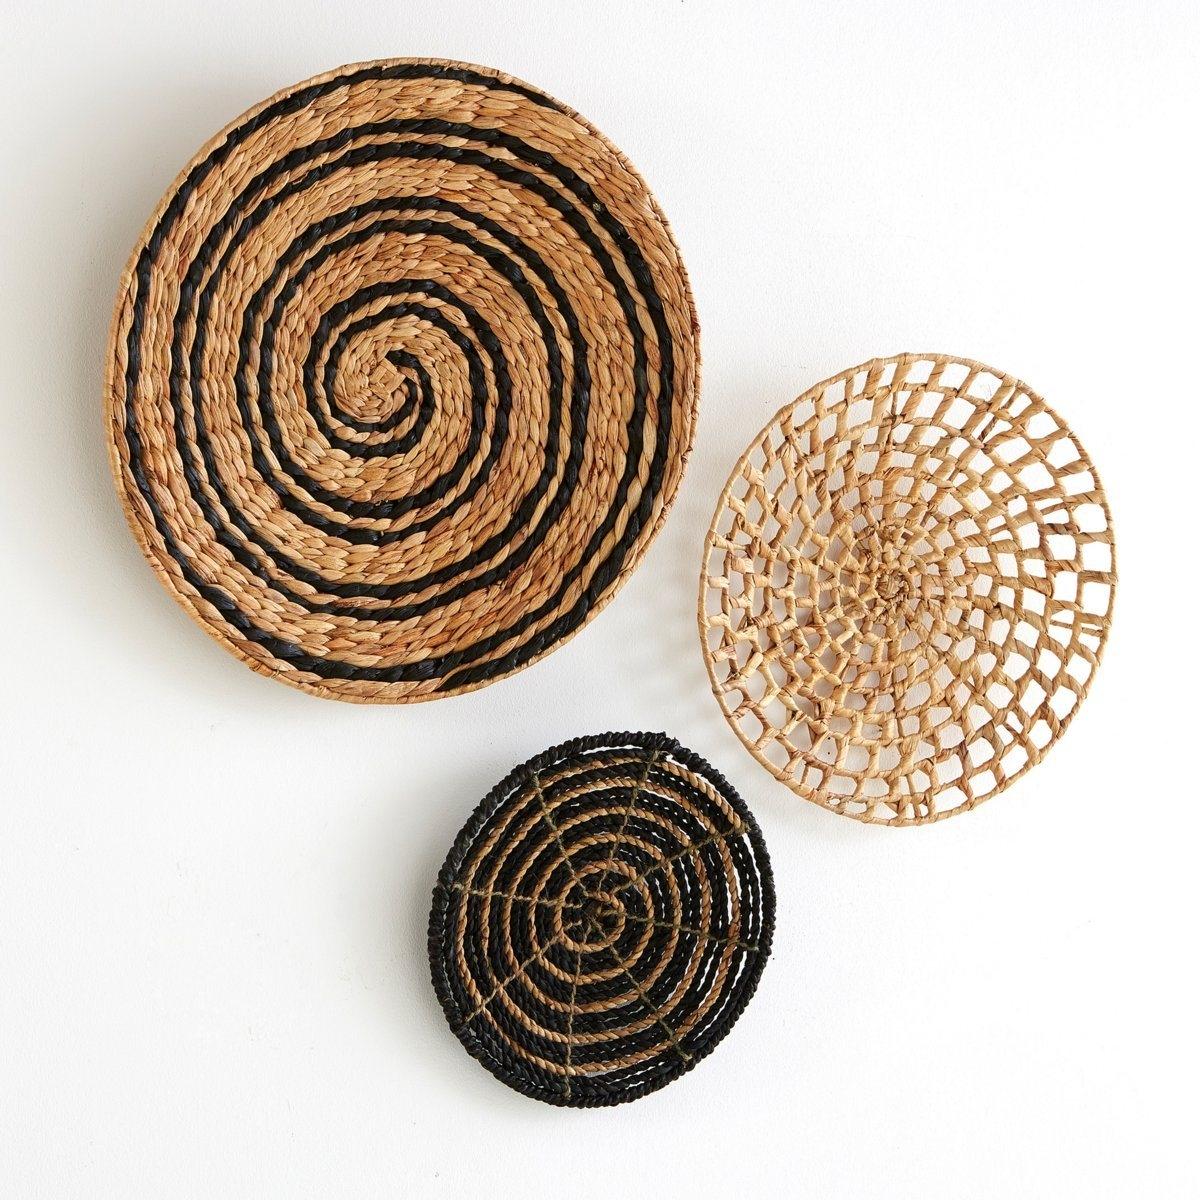 Настенное украшение, (комплект из 3 ), Aslal украшение настенное в виде головы обезьяны rudyard